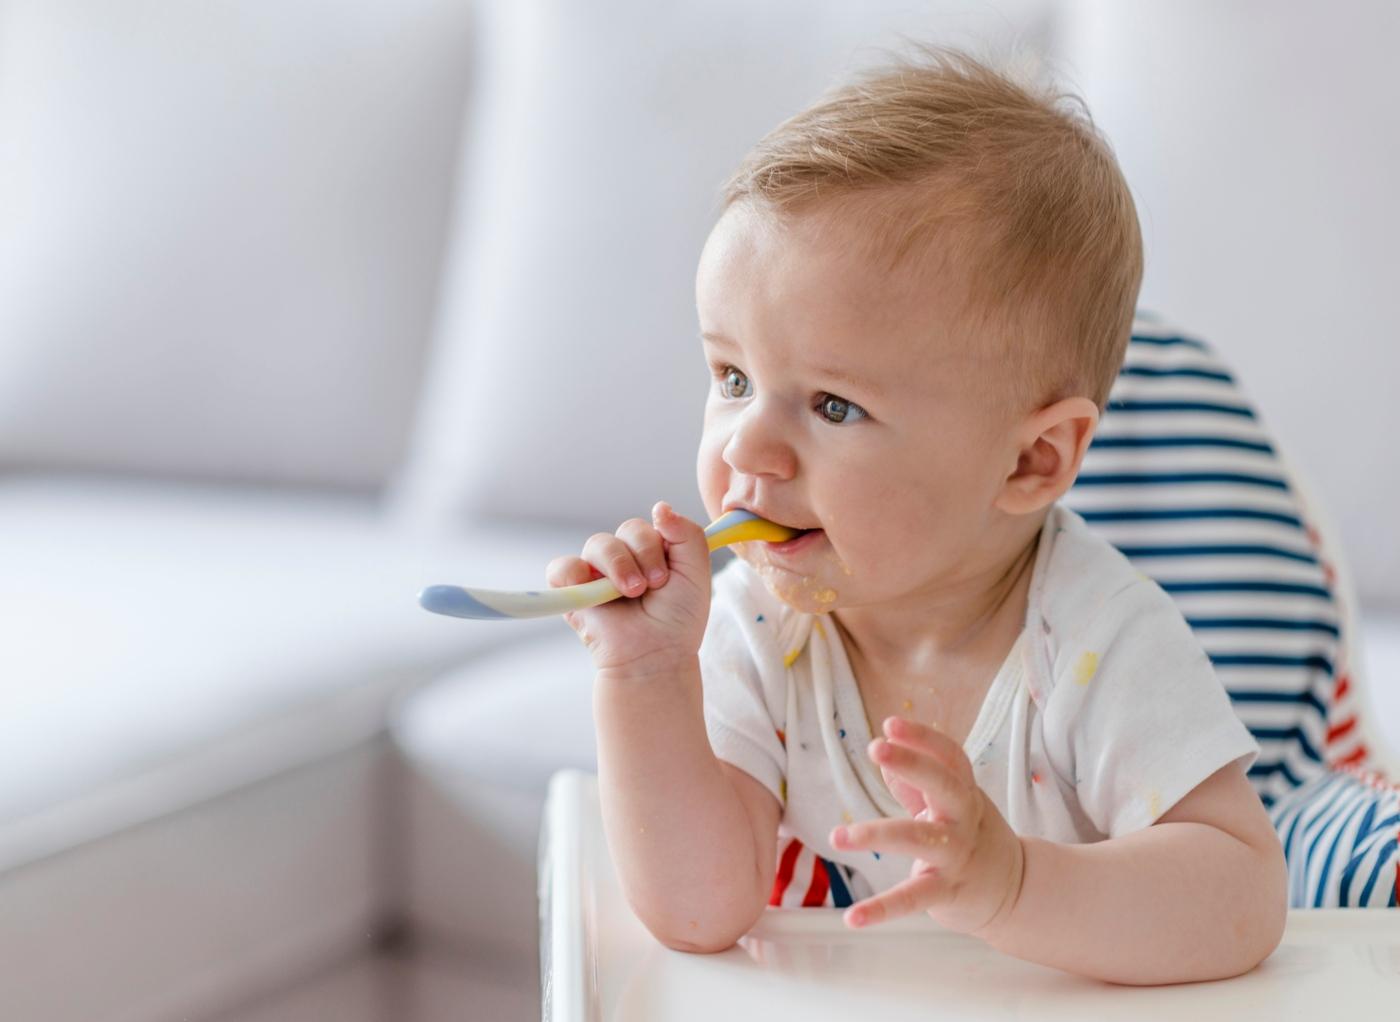 Desenvolvimento do bebé de 9 meses de idade